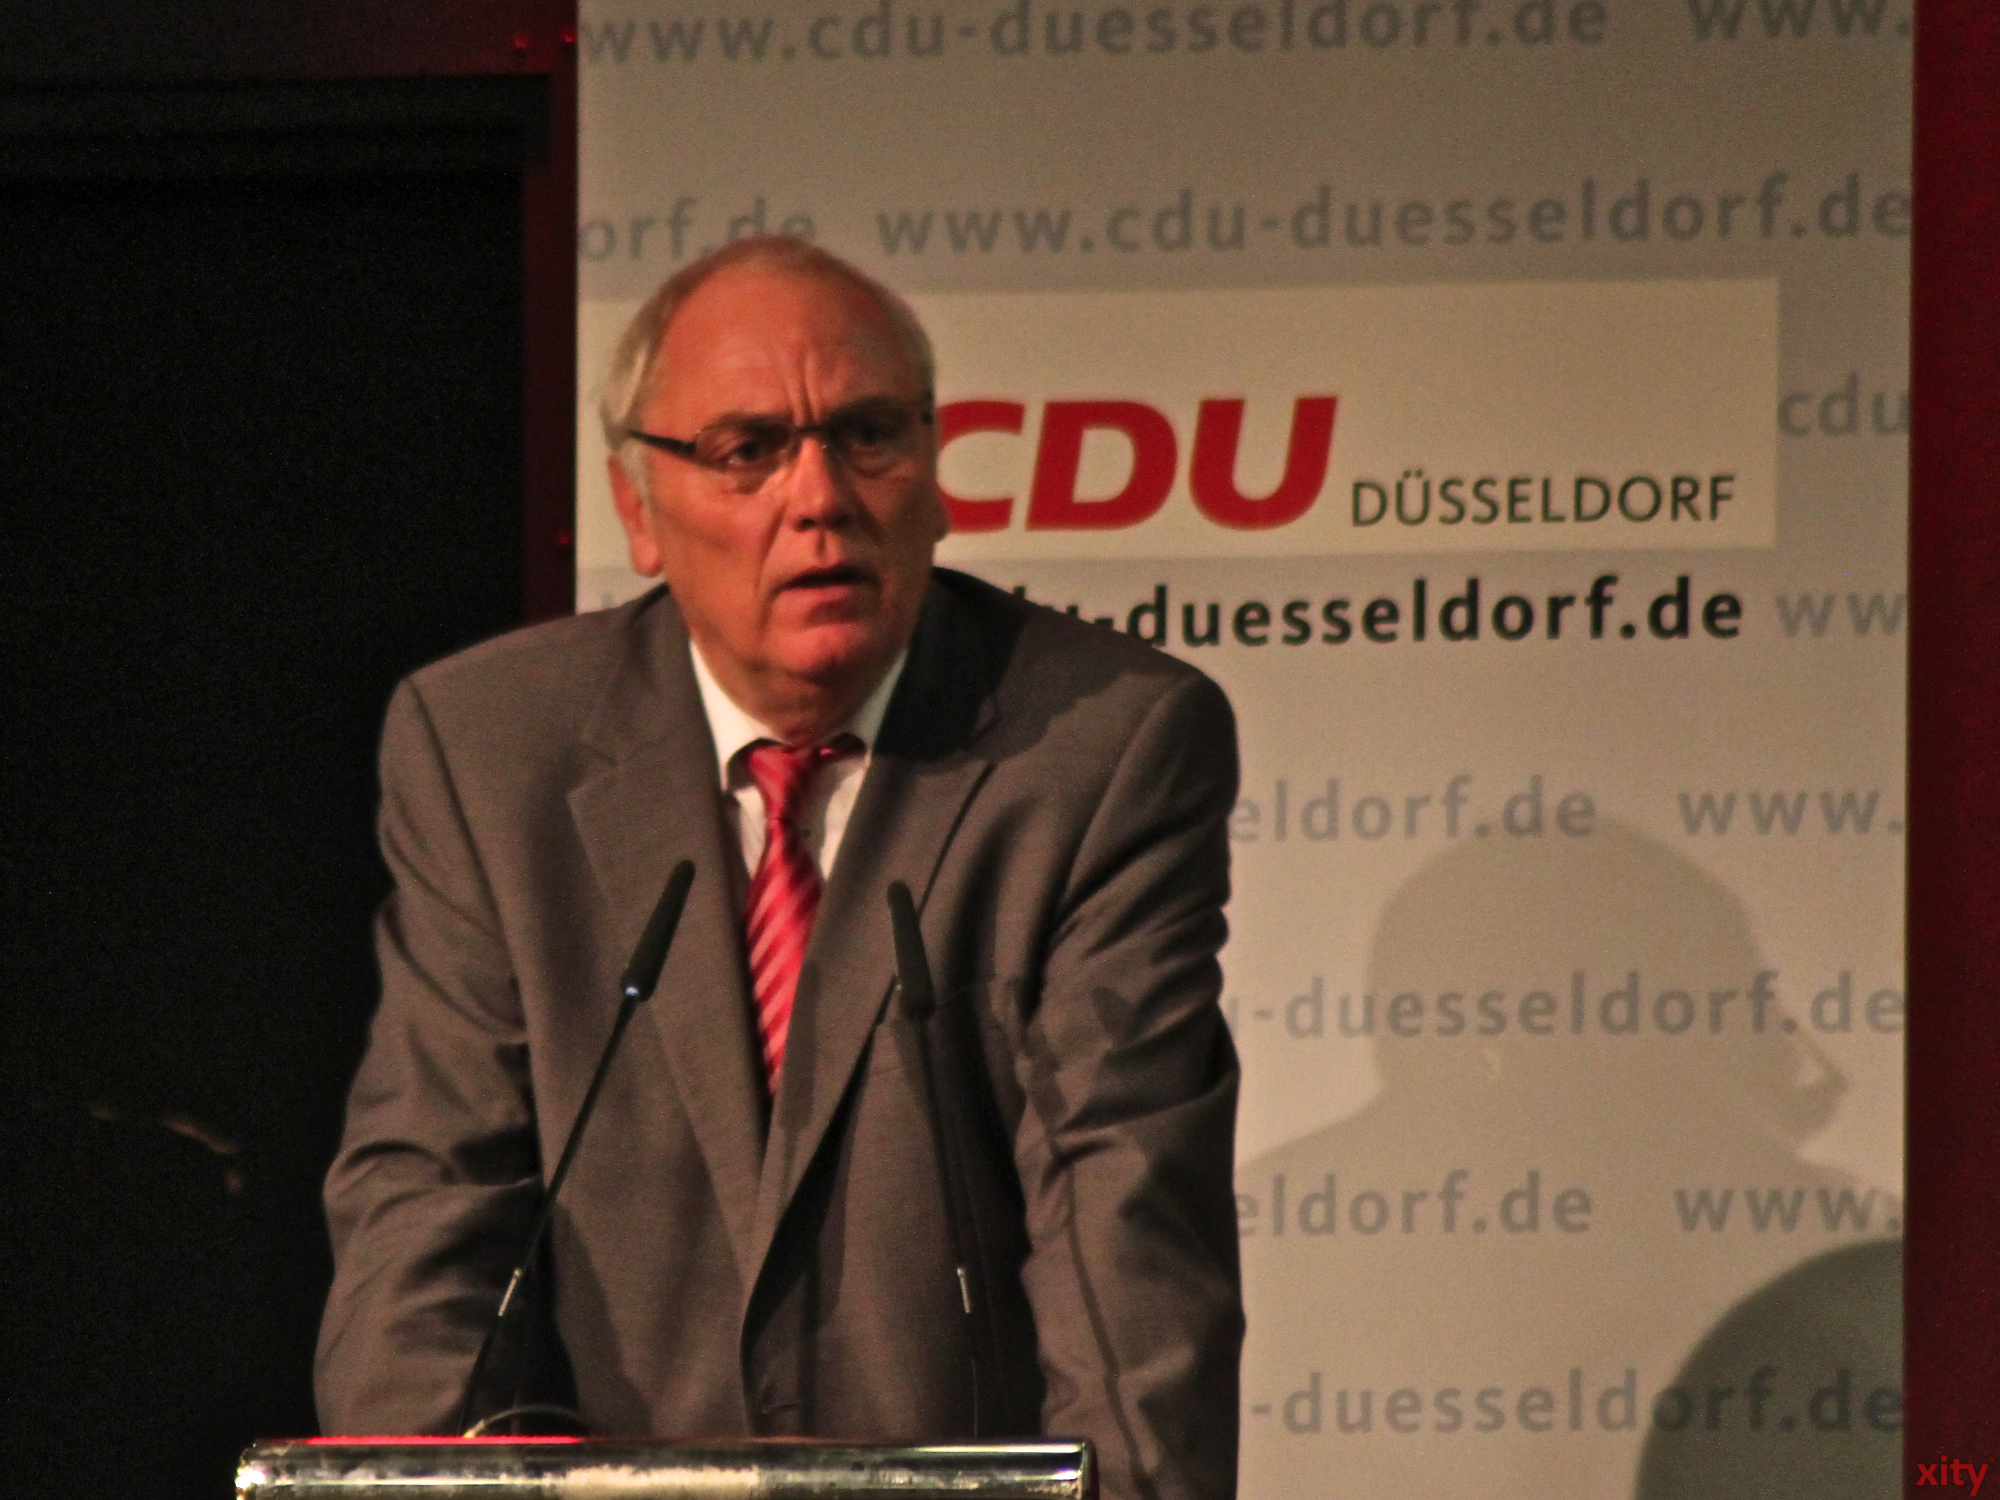 Peter Preuss gewann für den Düsseldorfer Süden (Foto: xity)